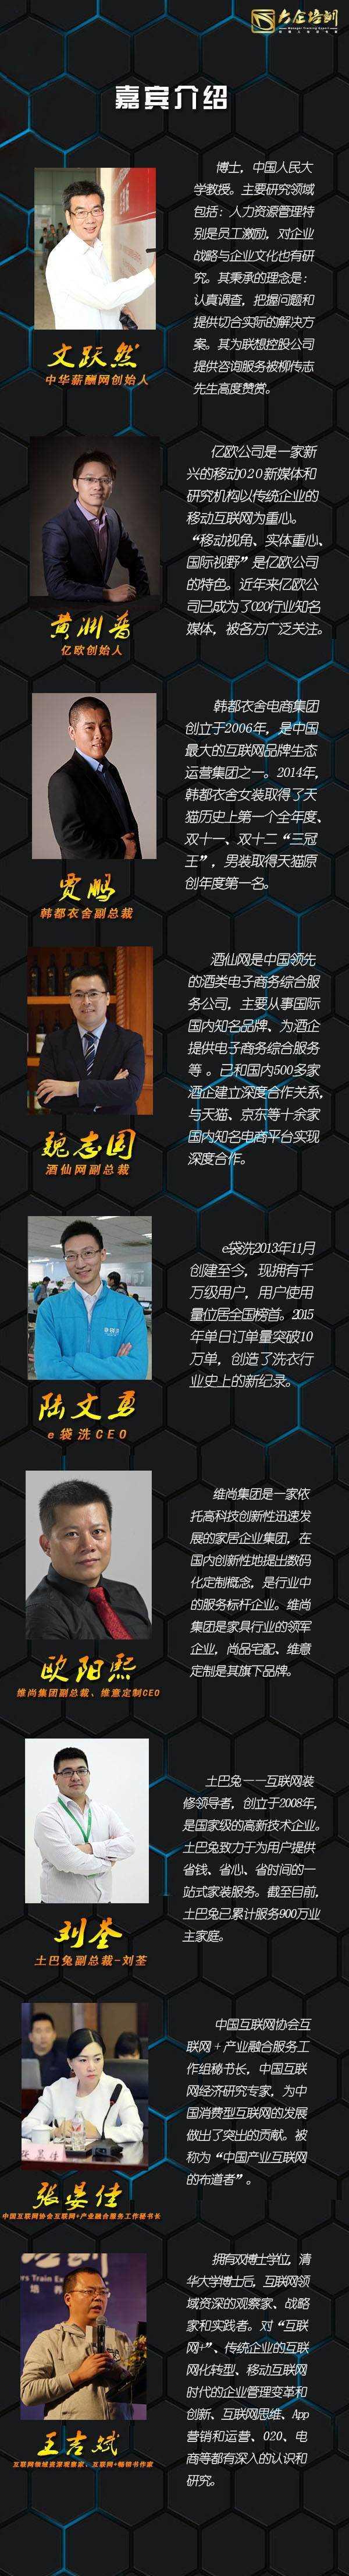 长图宣传5.jpg